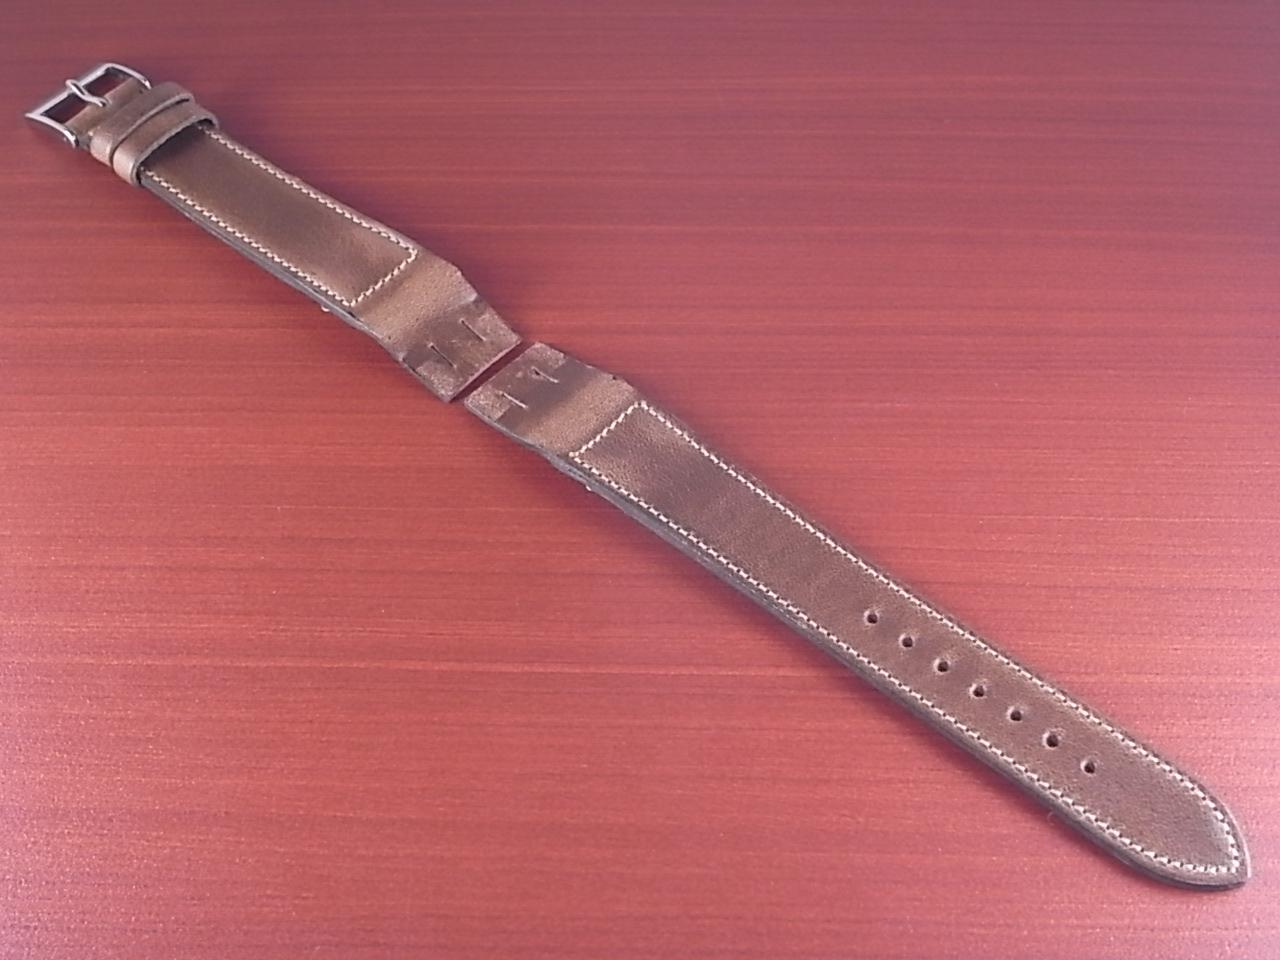 ホーウィン クロムエクセル オープンエンド ナチュラル 16、18、20mmのメイン写真